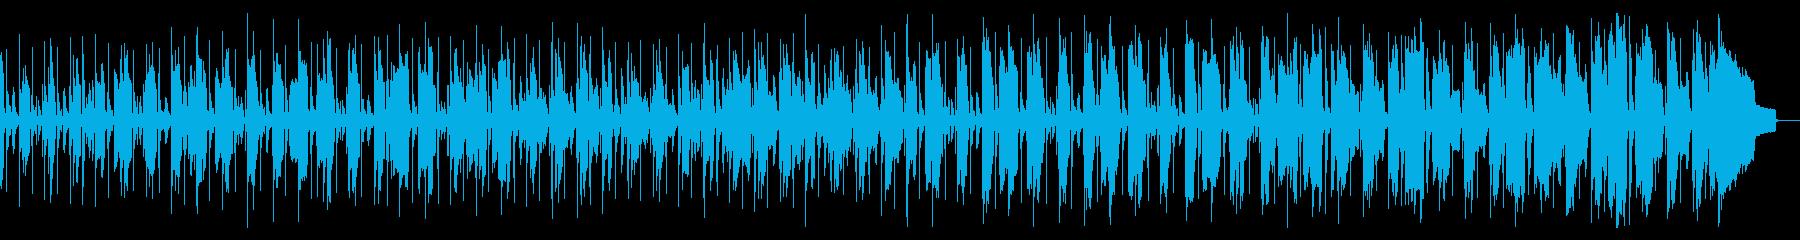 日常系BGM・ほのぼのハーモニカその1の再生済みの波形